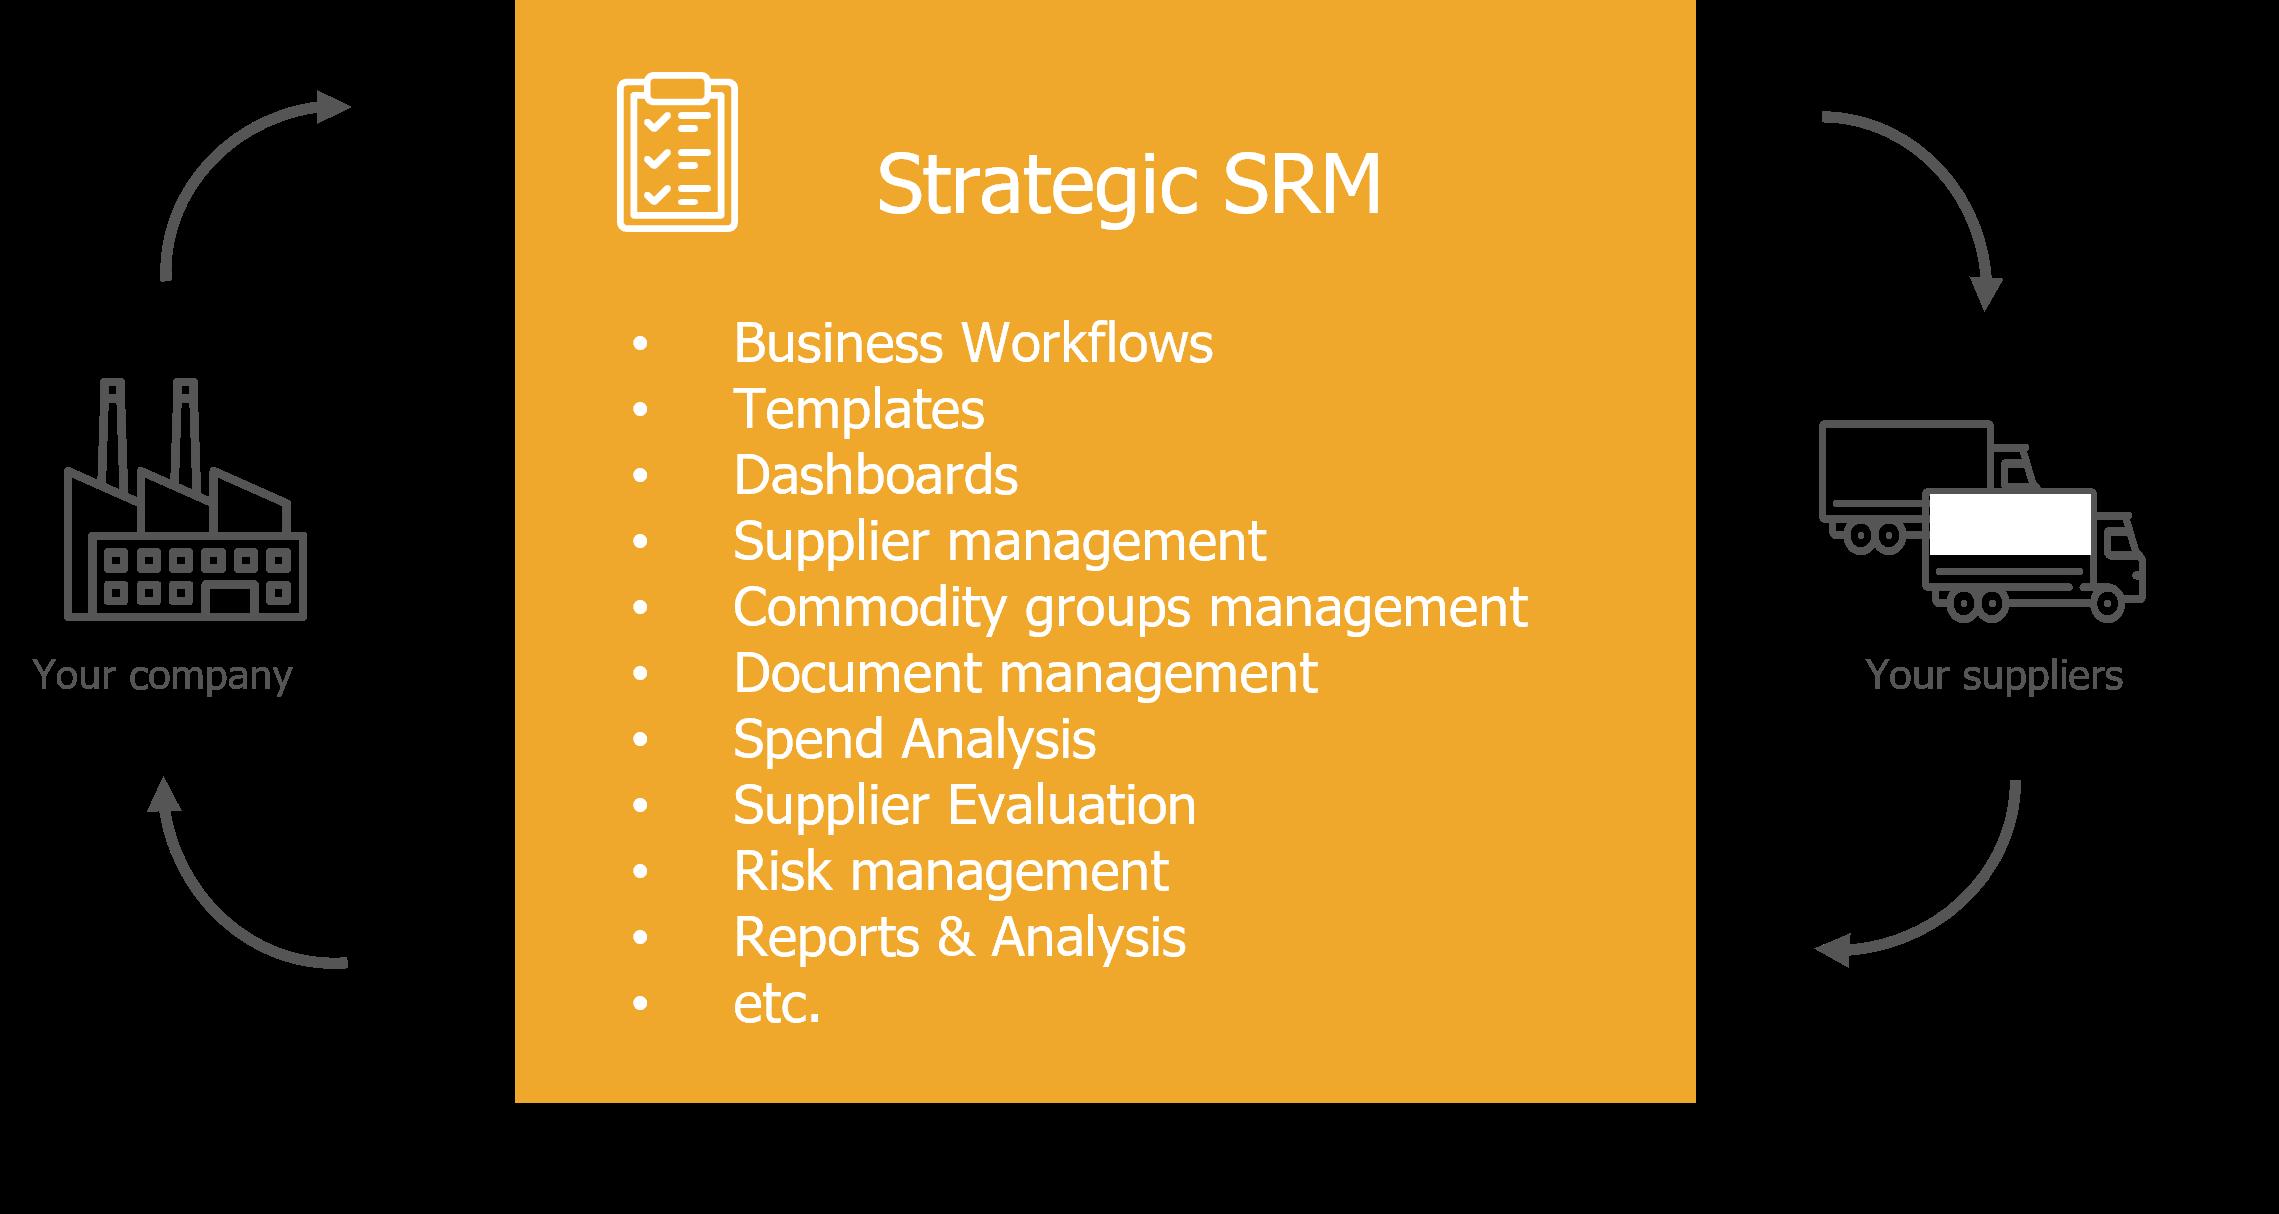 Strategic_SRM_en-1